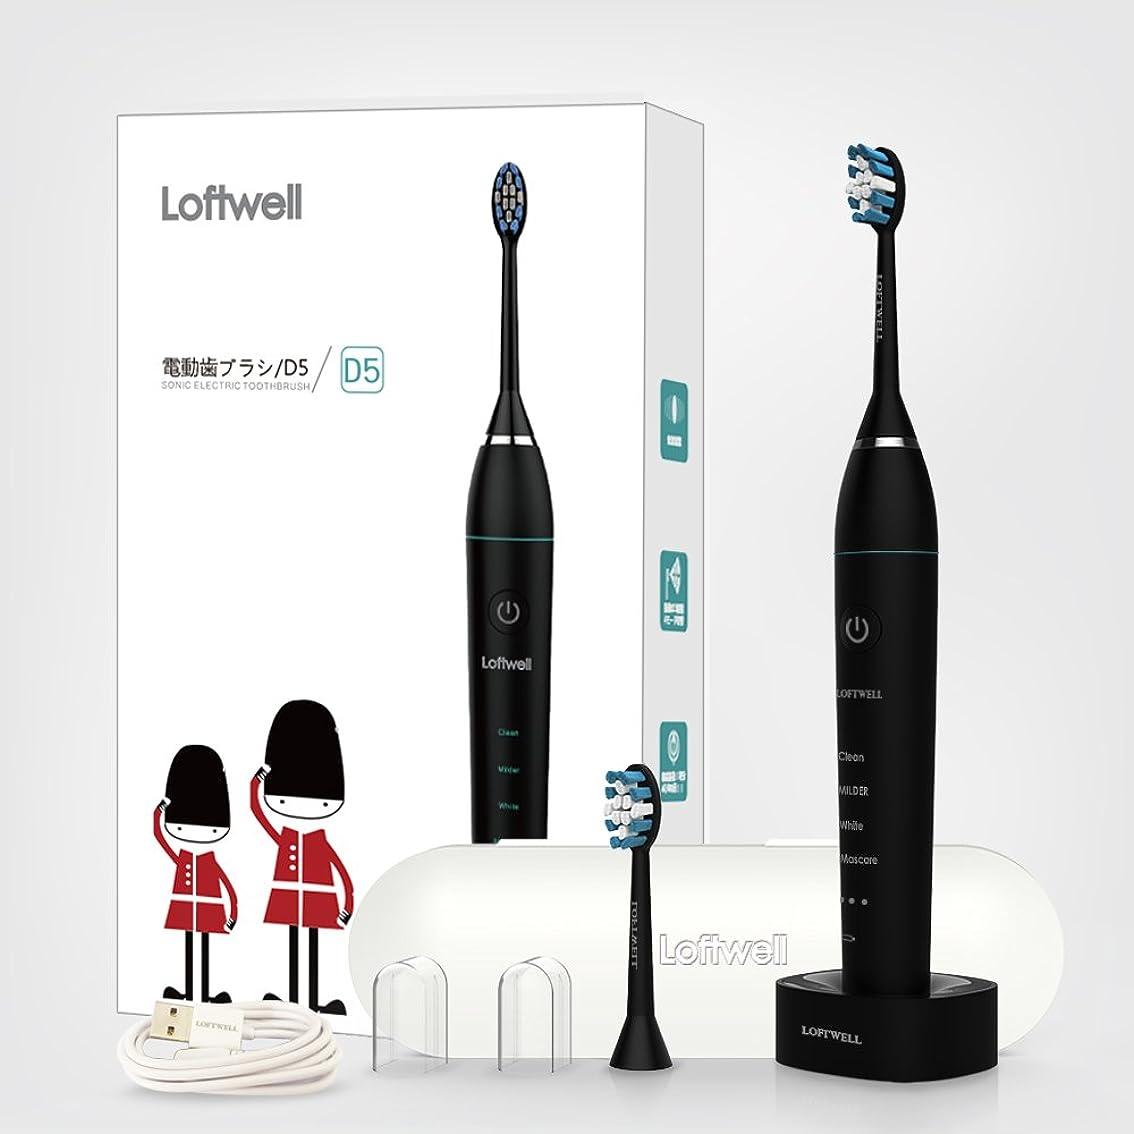 入植者友だち教育するloftwell 電動歯ブラシ 超音波振動歯ブラシ 4モード 各モードの振動が3段階調節可 音波歯ブラシ 充電式 替えブラシ2本 舌ブラシ ラベルケース付き D5 ブラック (ブラック)